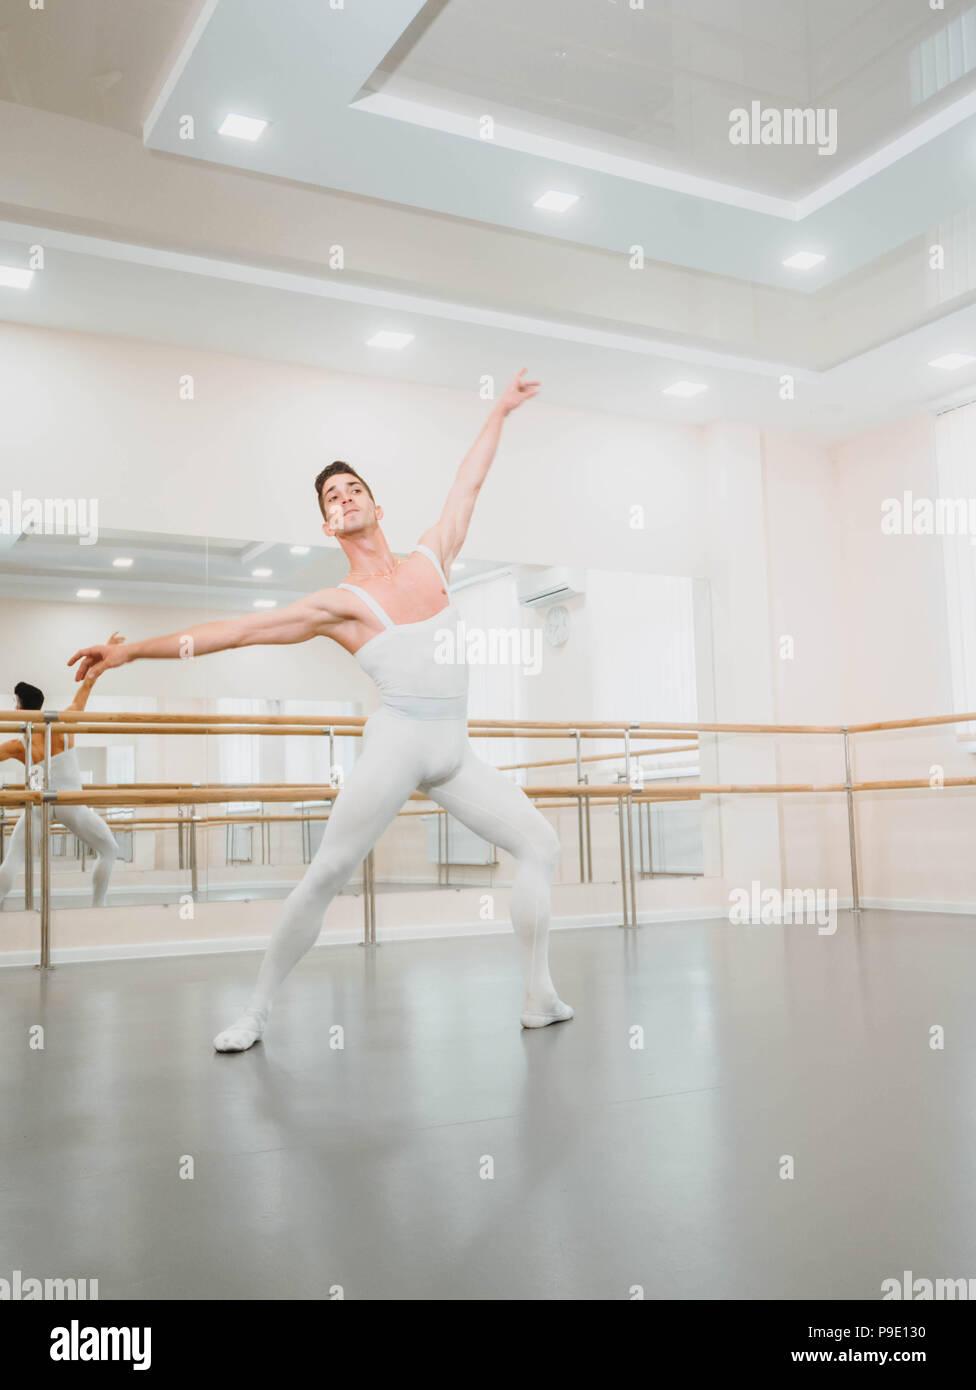 Bel giovane ballerino maschio pratica del balletto classico nel piccolo studio con specchi. Uomo in bianco collant. Professional coreografo sta lavorando sulla creazione di prestazioni. Immagini Stock